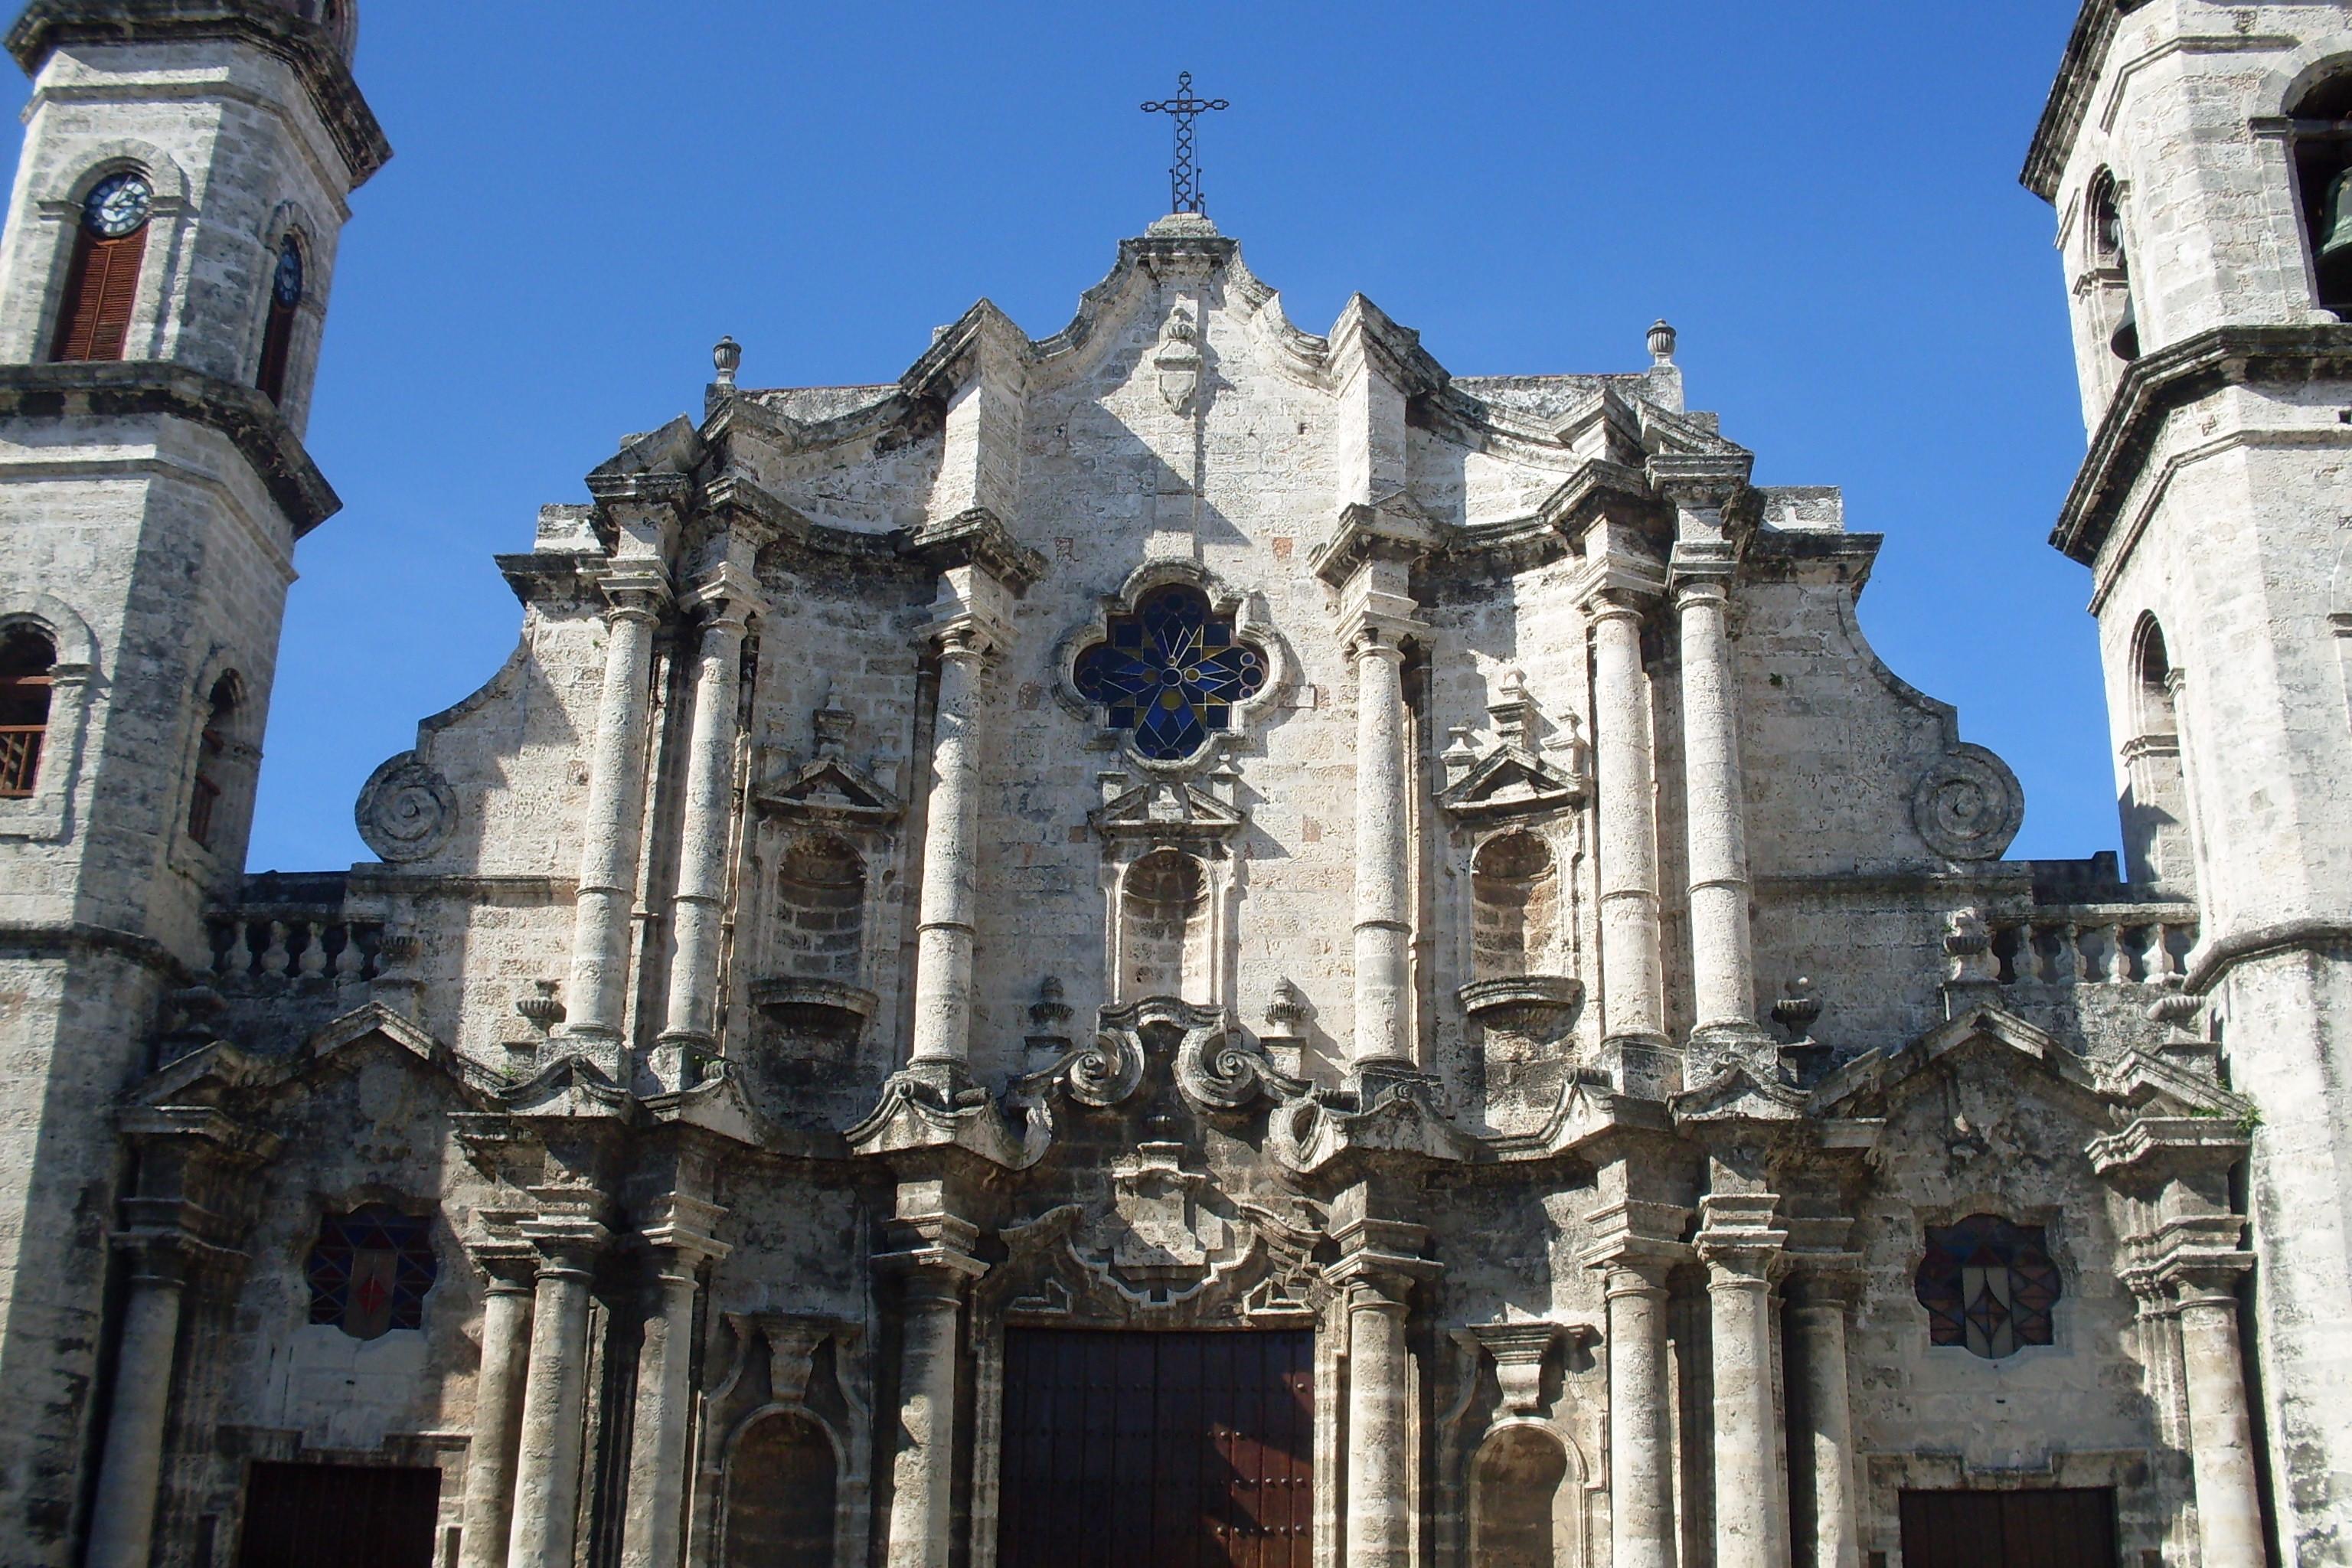 La Catedral de la Virgen María de la Concepción Inmaculada de La Habana